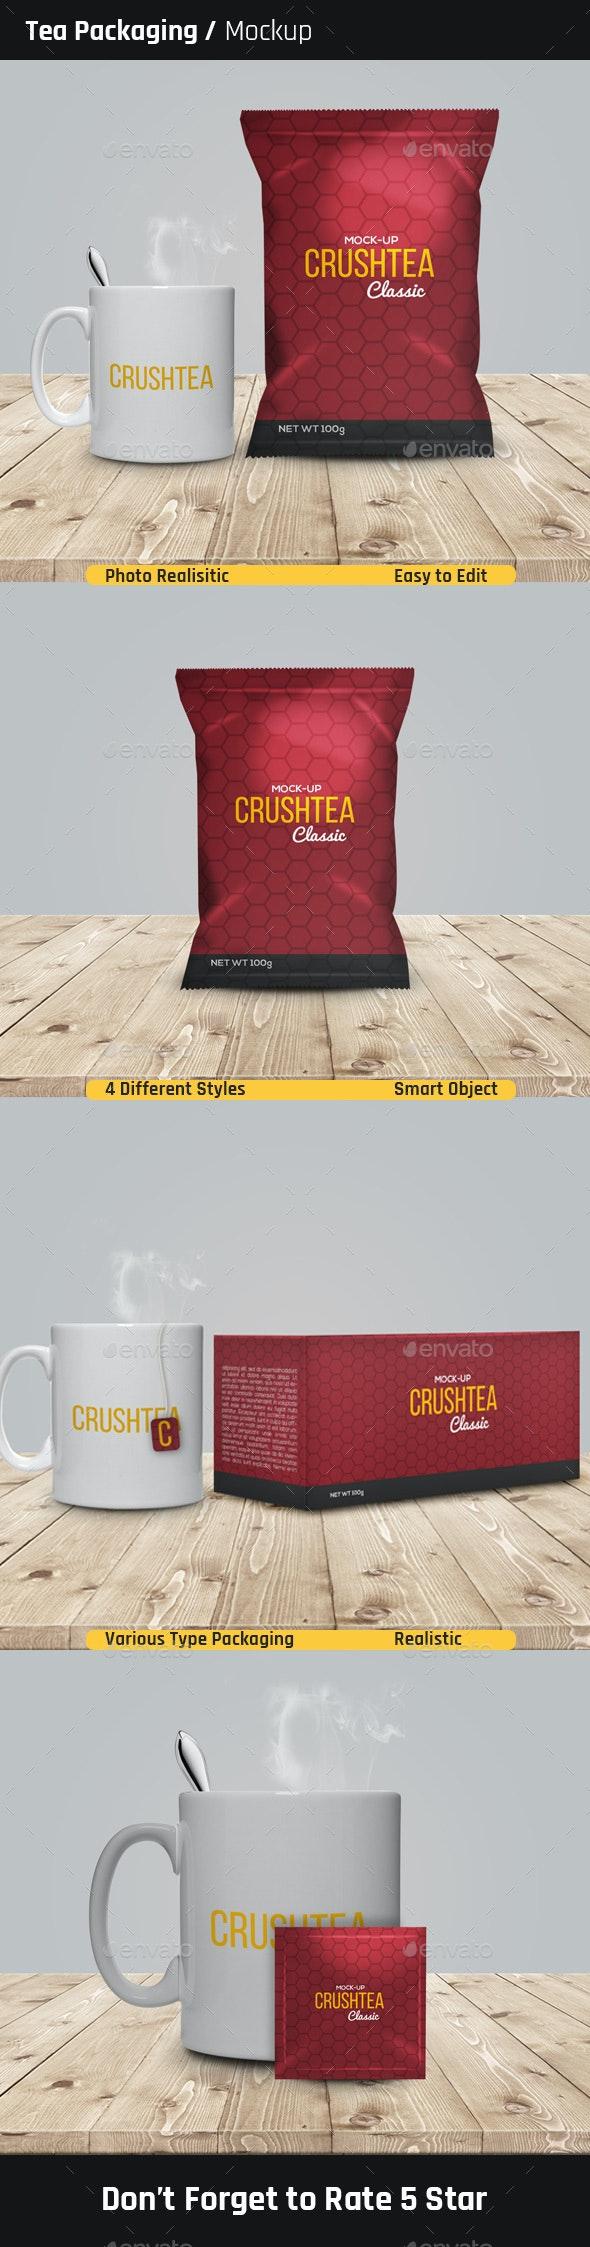 Tea Packaging Mock-Ups - Food and Drink Packaging